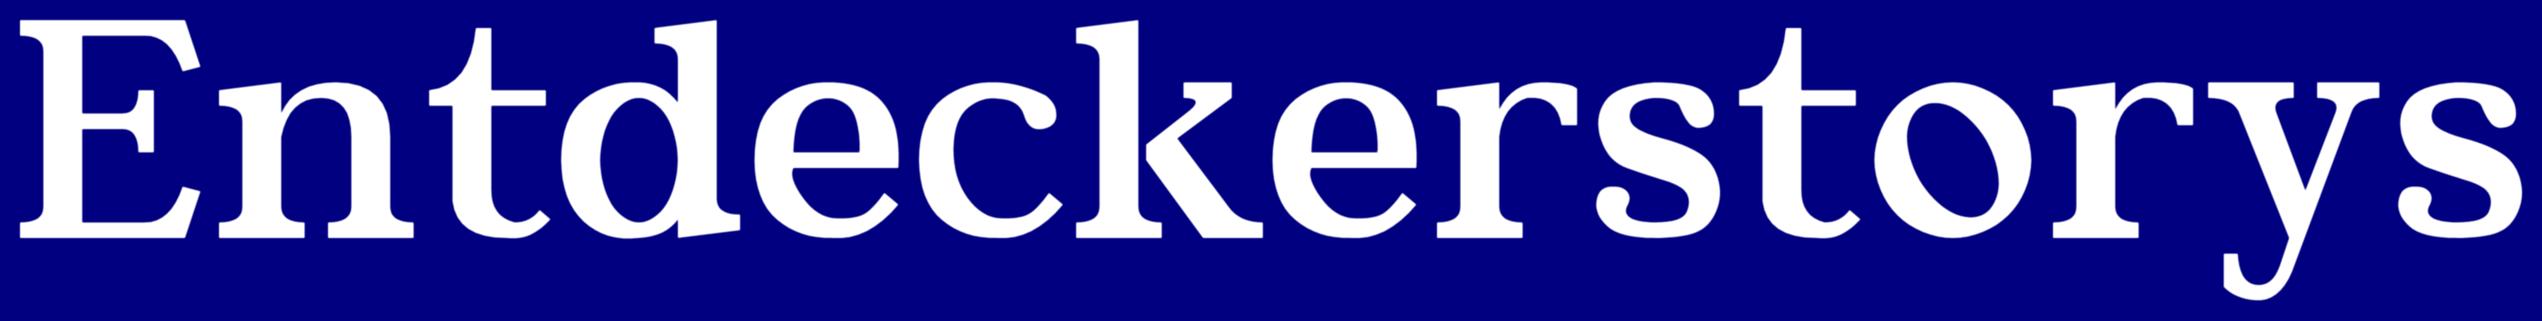 Schrift-Logo Entdeckerstorys